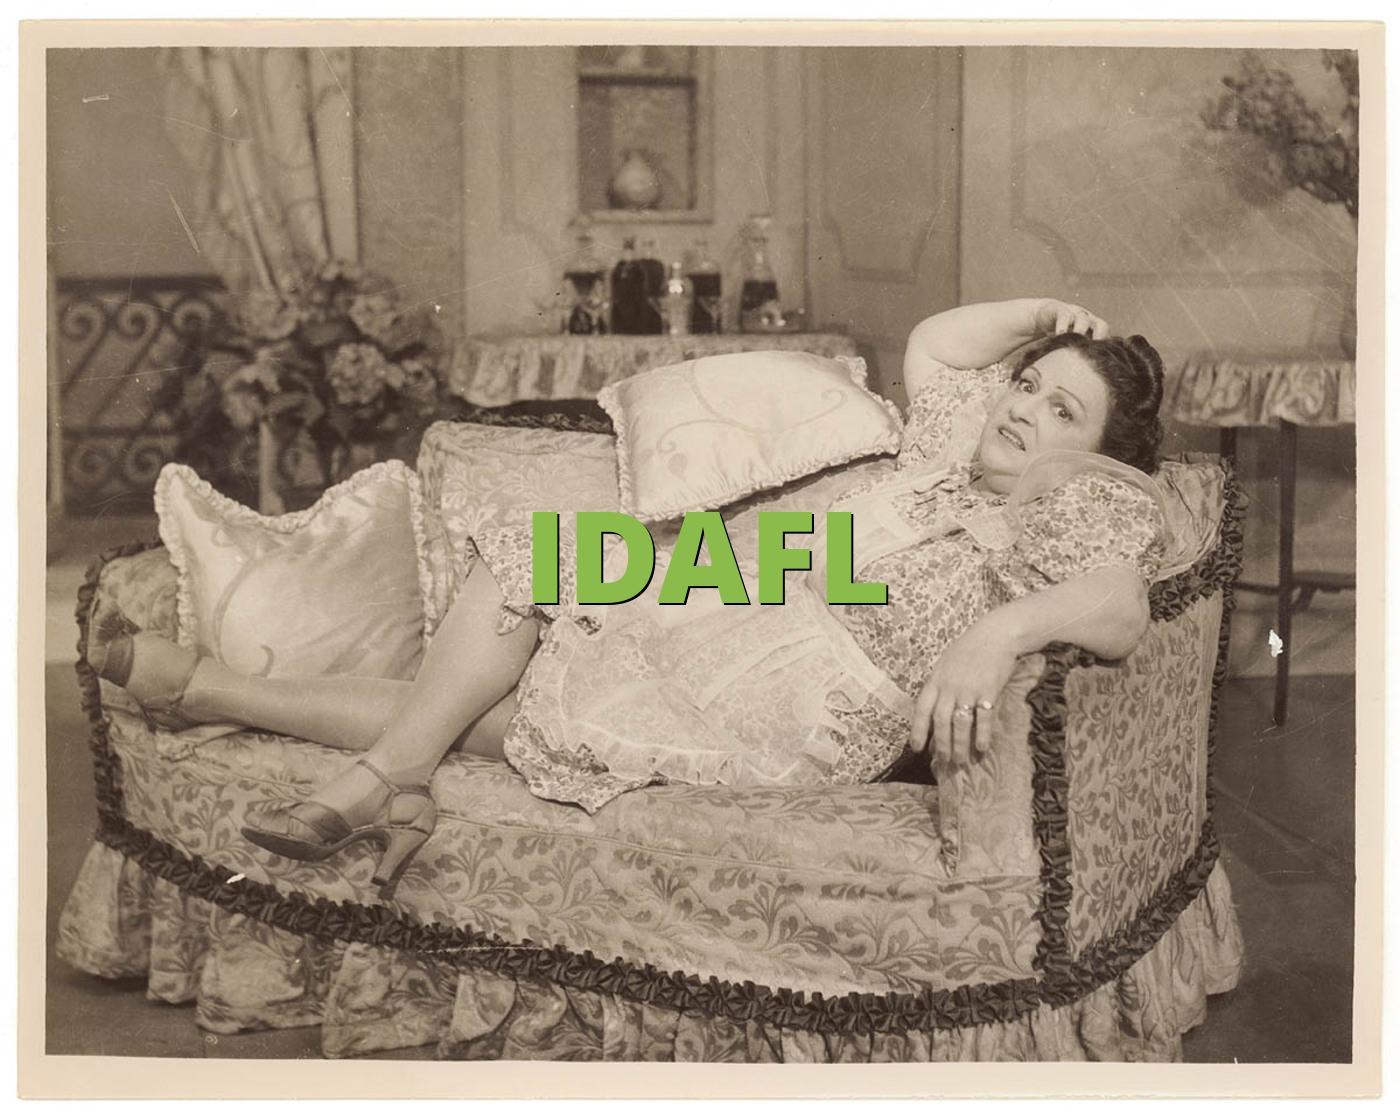 IDAFL